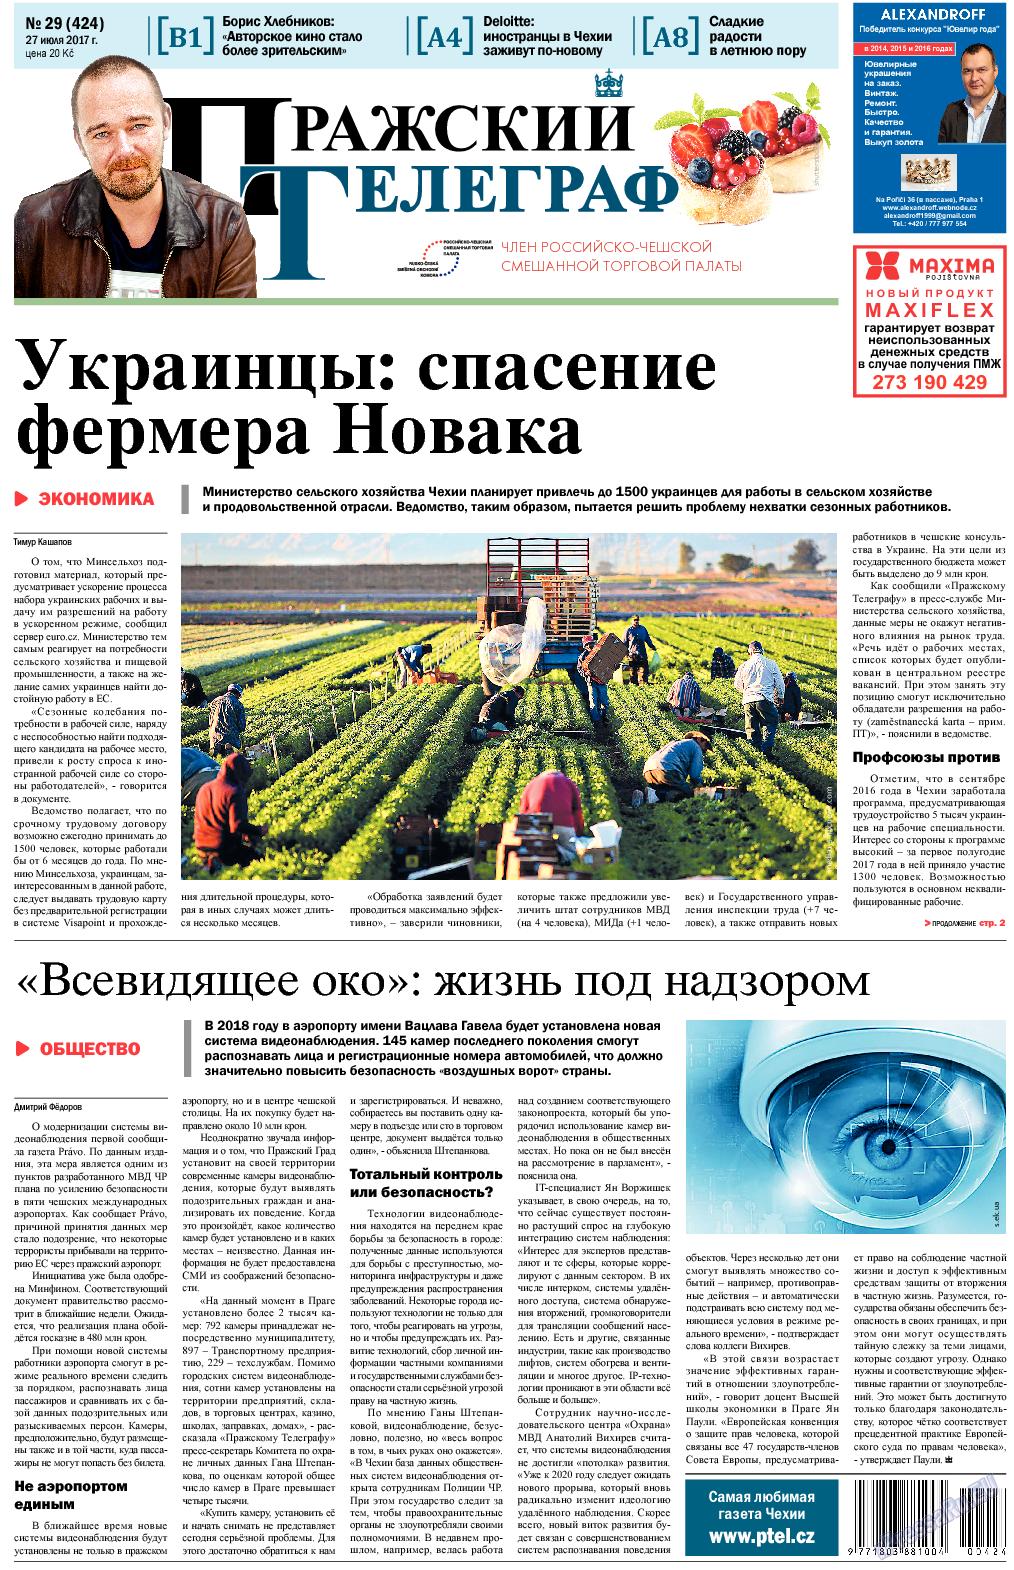 Пражский телеграф (газета). 2017 год, номер 29, стр. 1